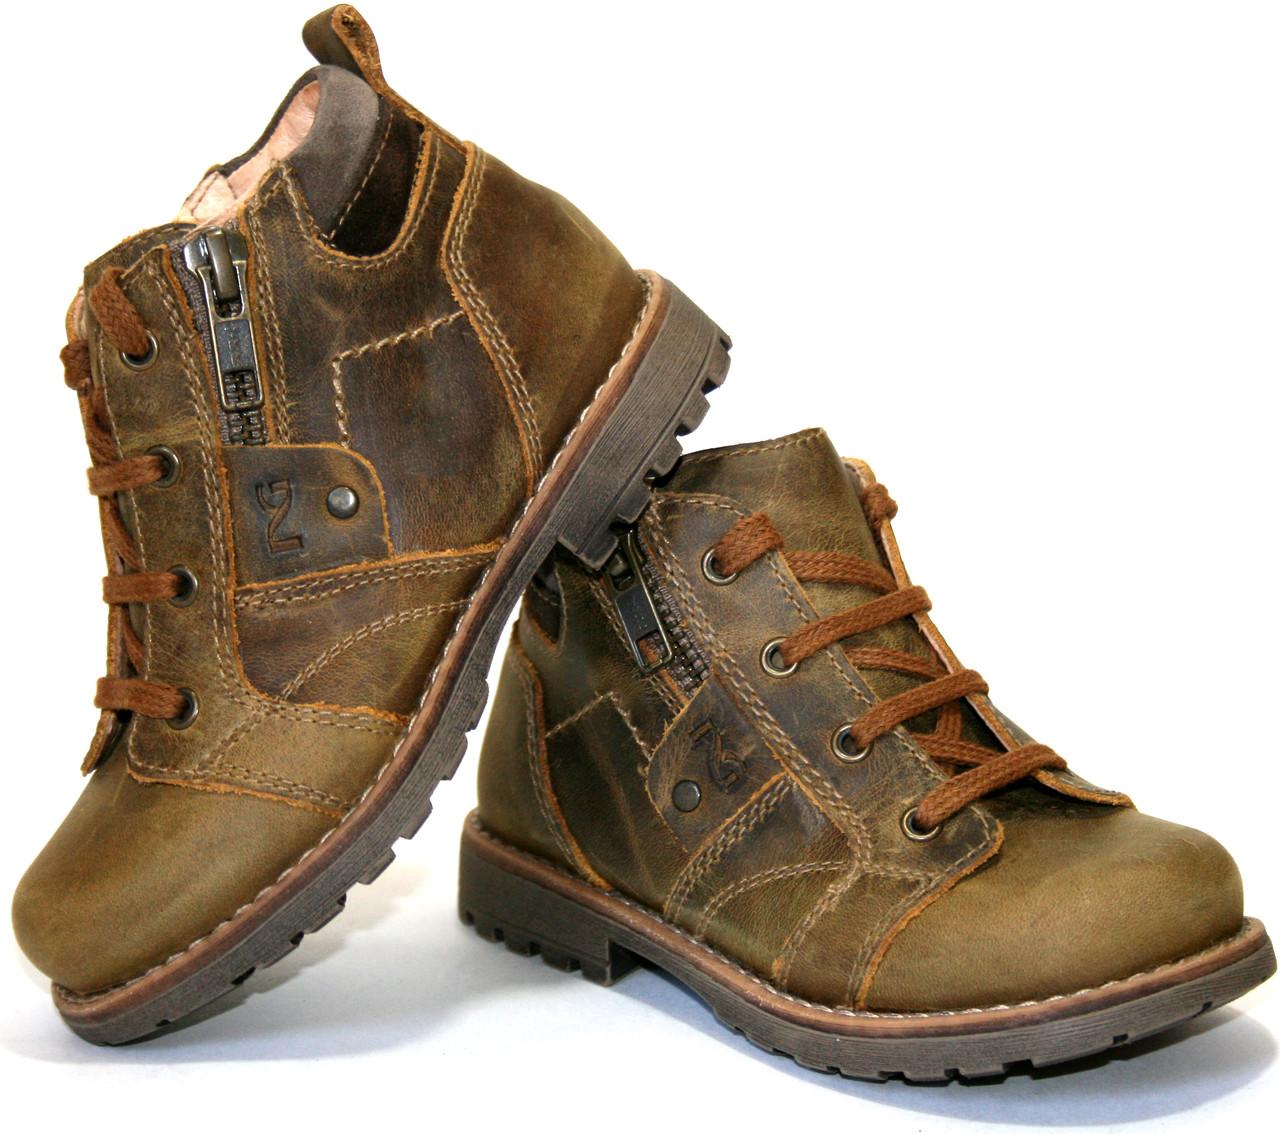 Дитячі черевики для хлопчика NeroGiardini Італія розміри 21-24